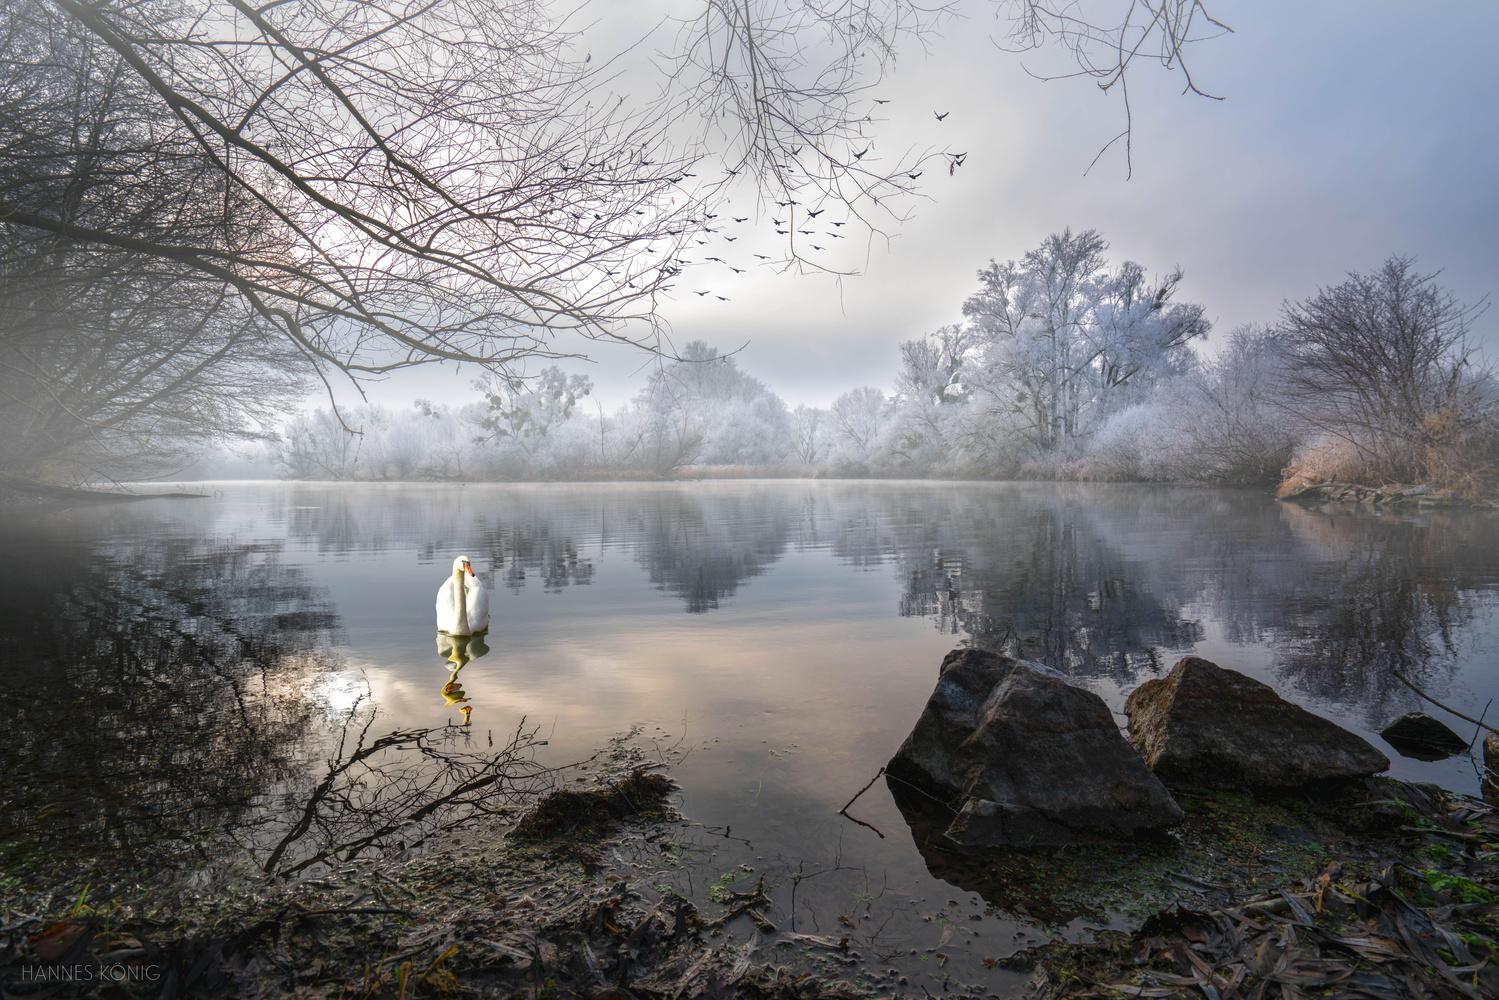 Morning Fog by Hannes Koenig